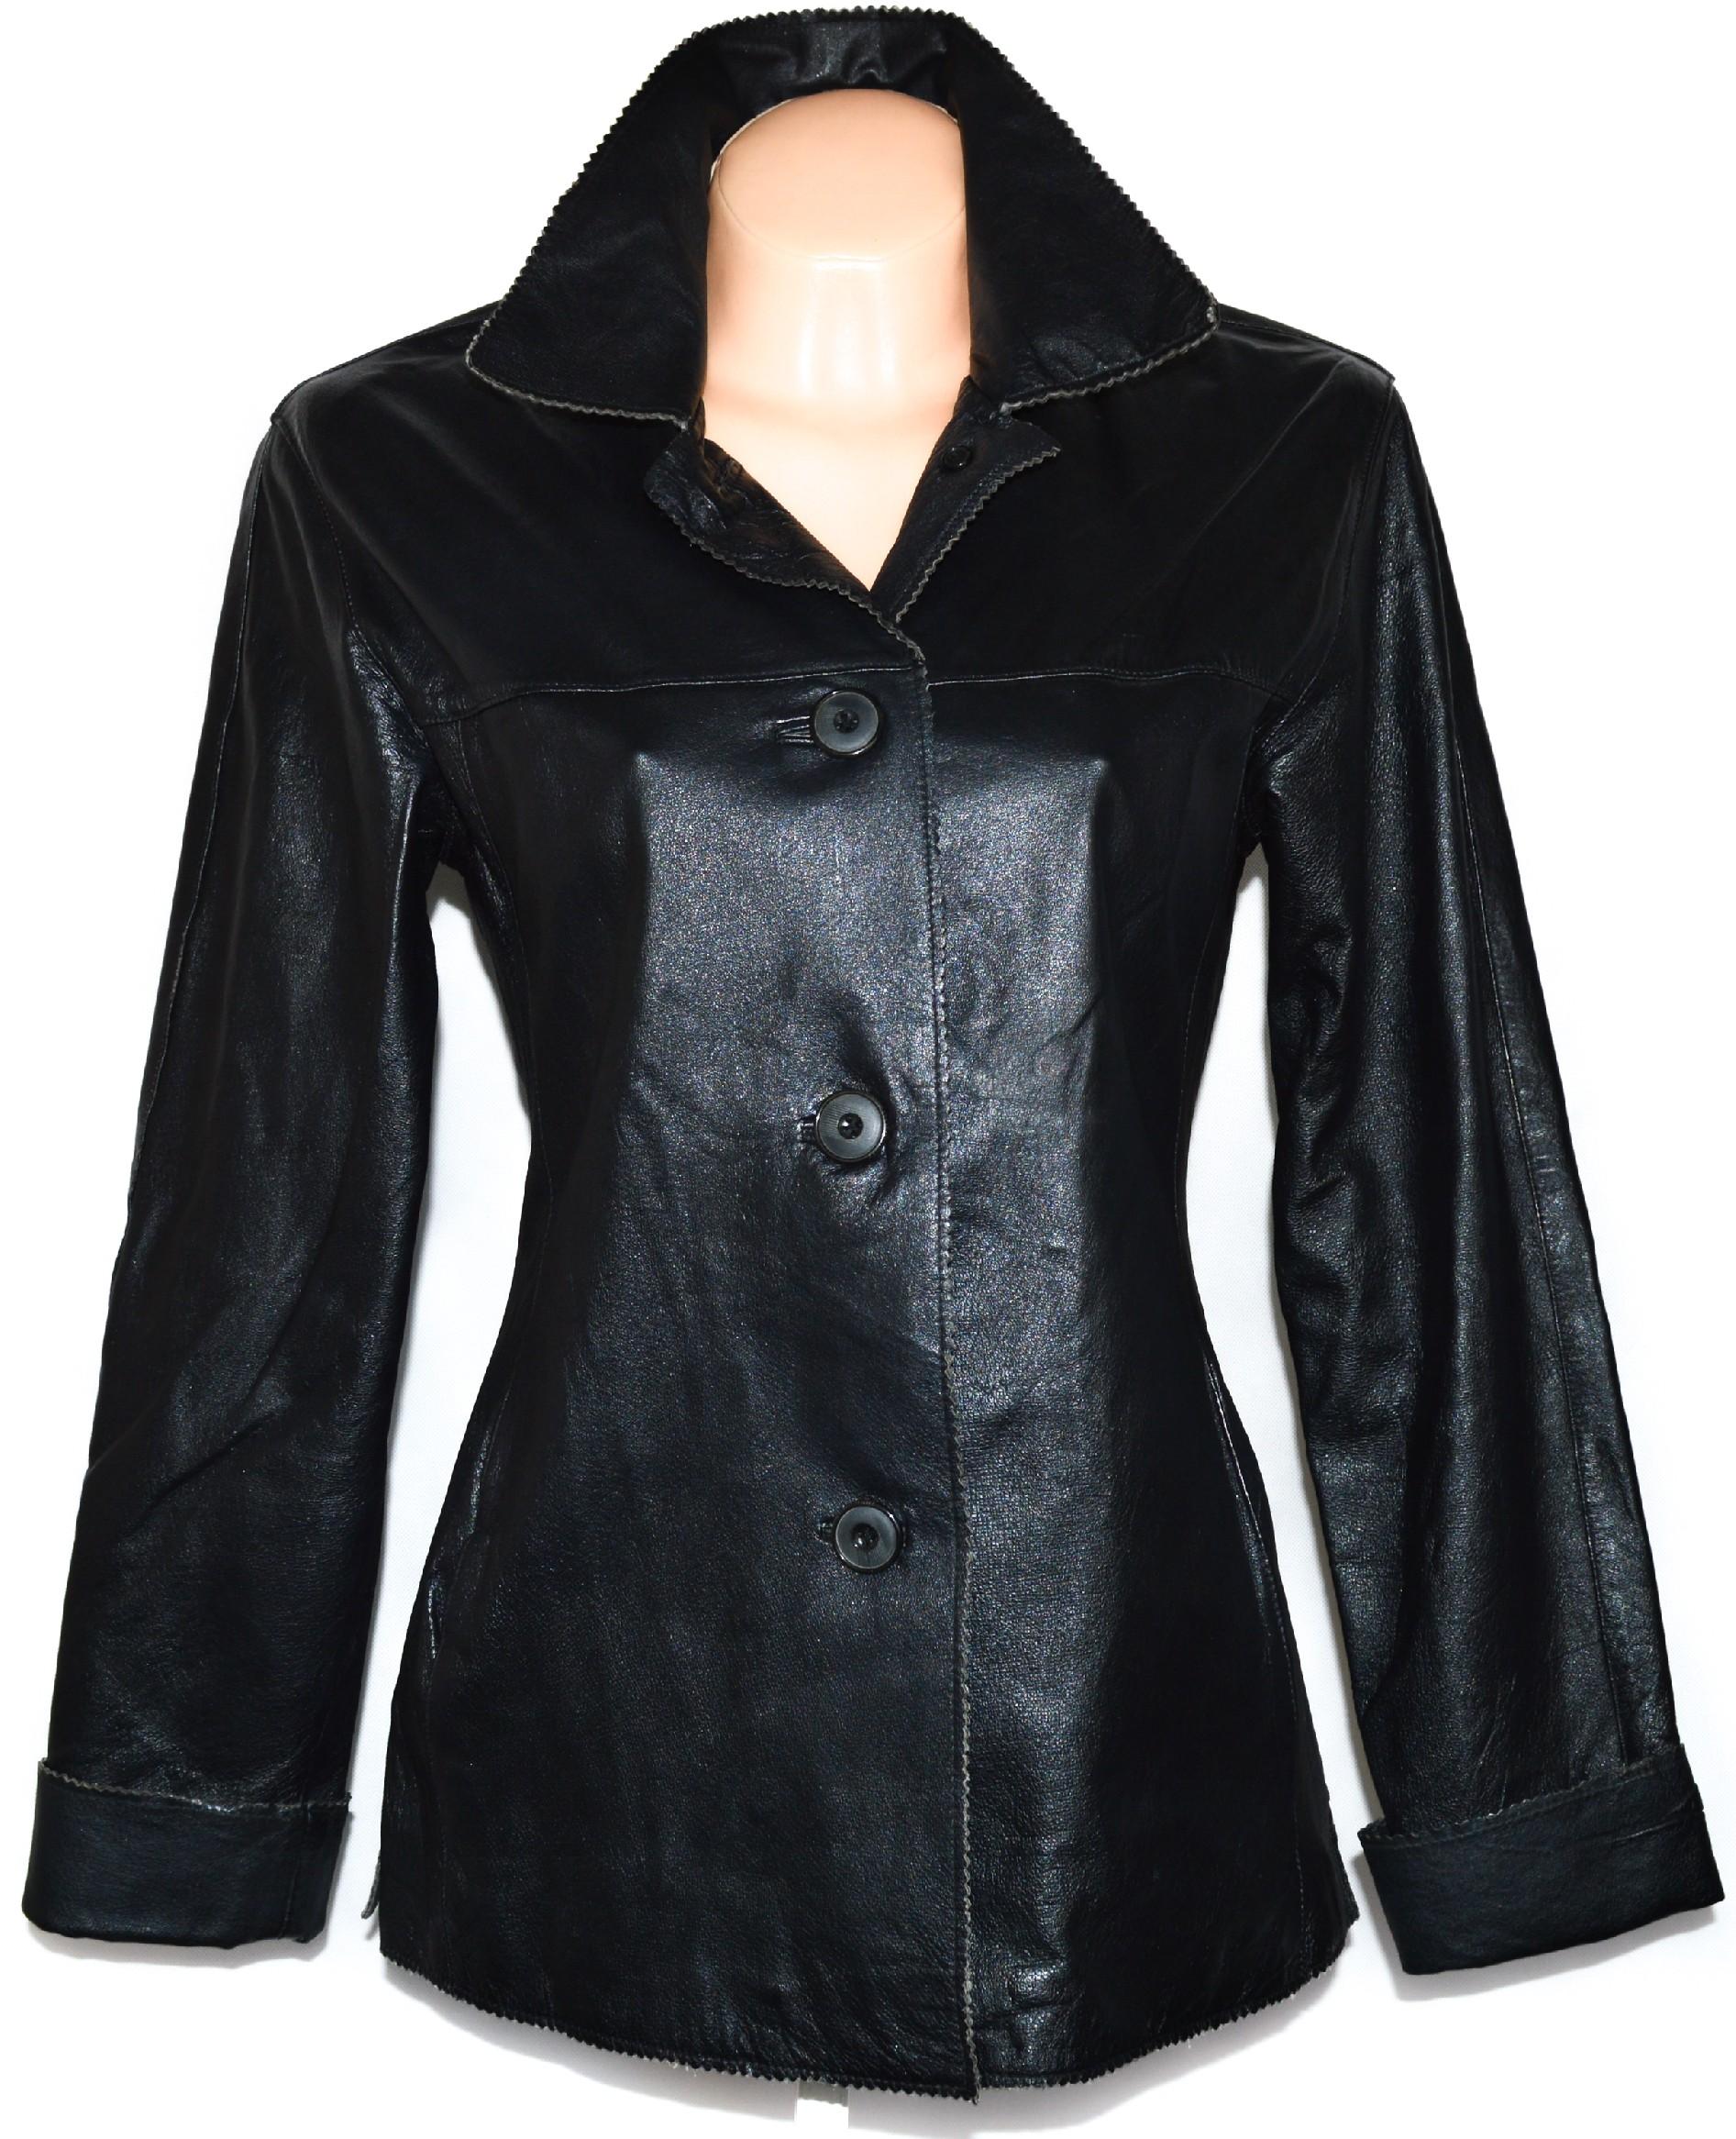 KOŽENÝ dámský měkký černý kabát 38 ada1459593